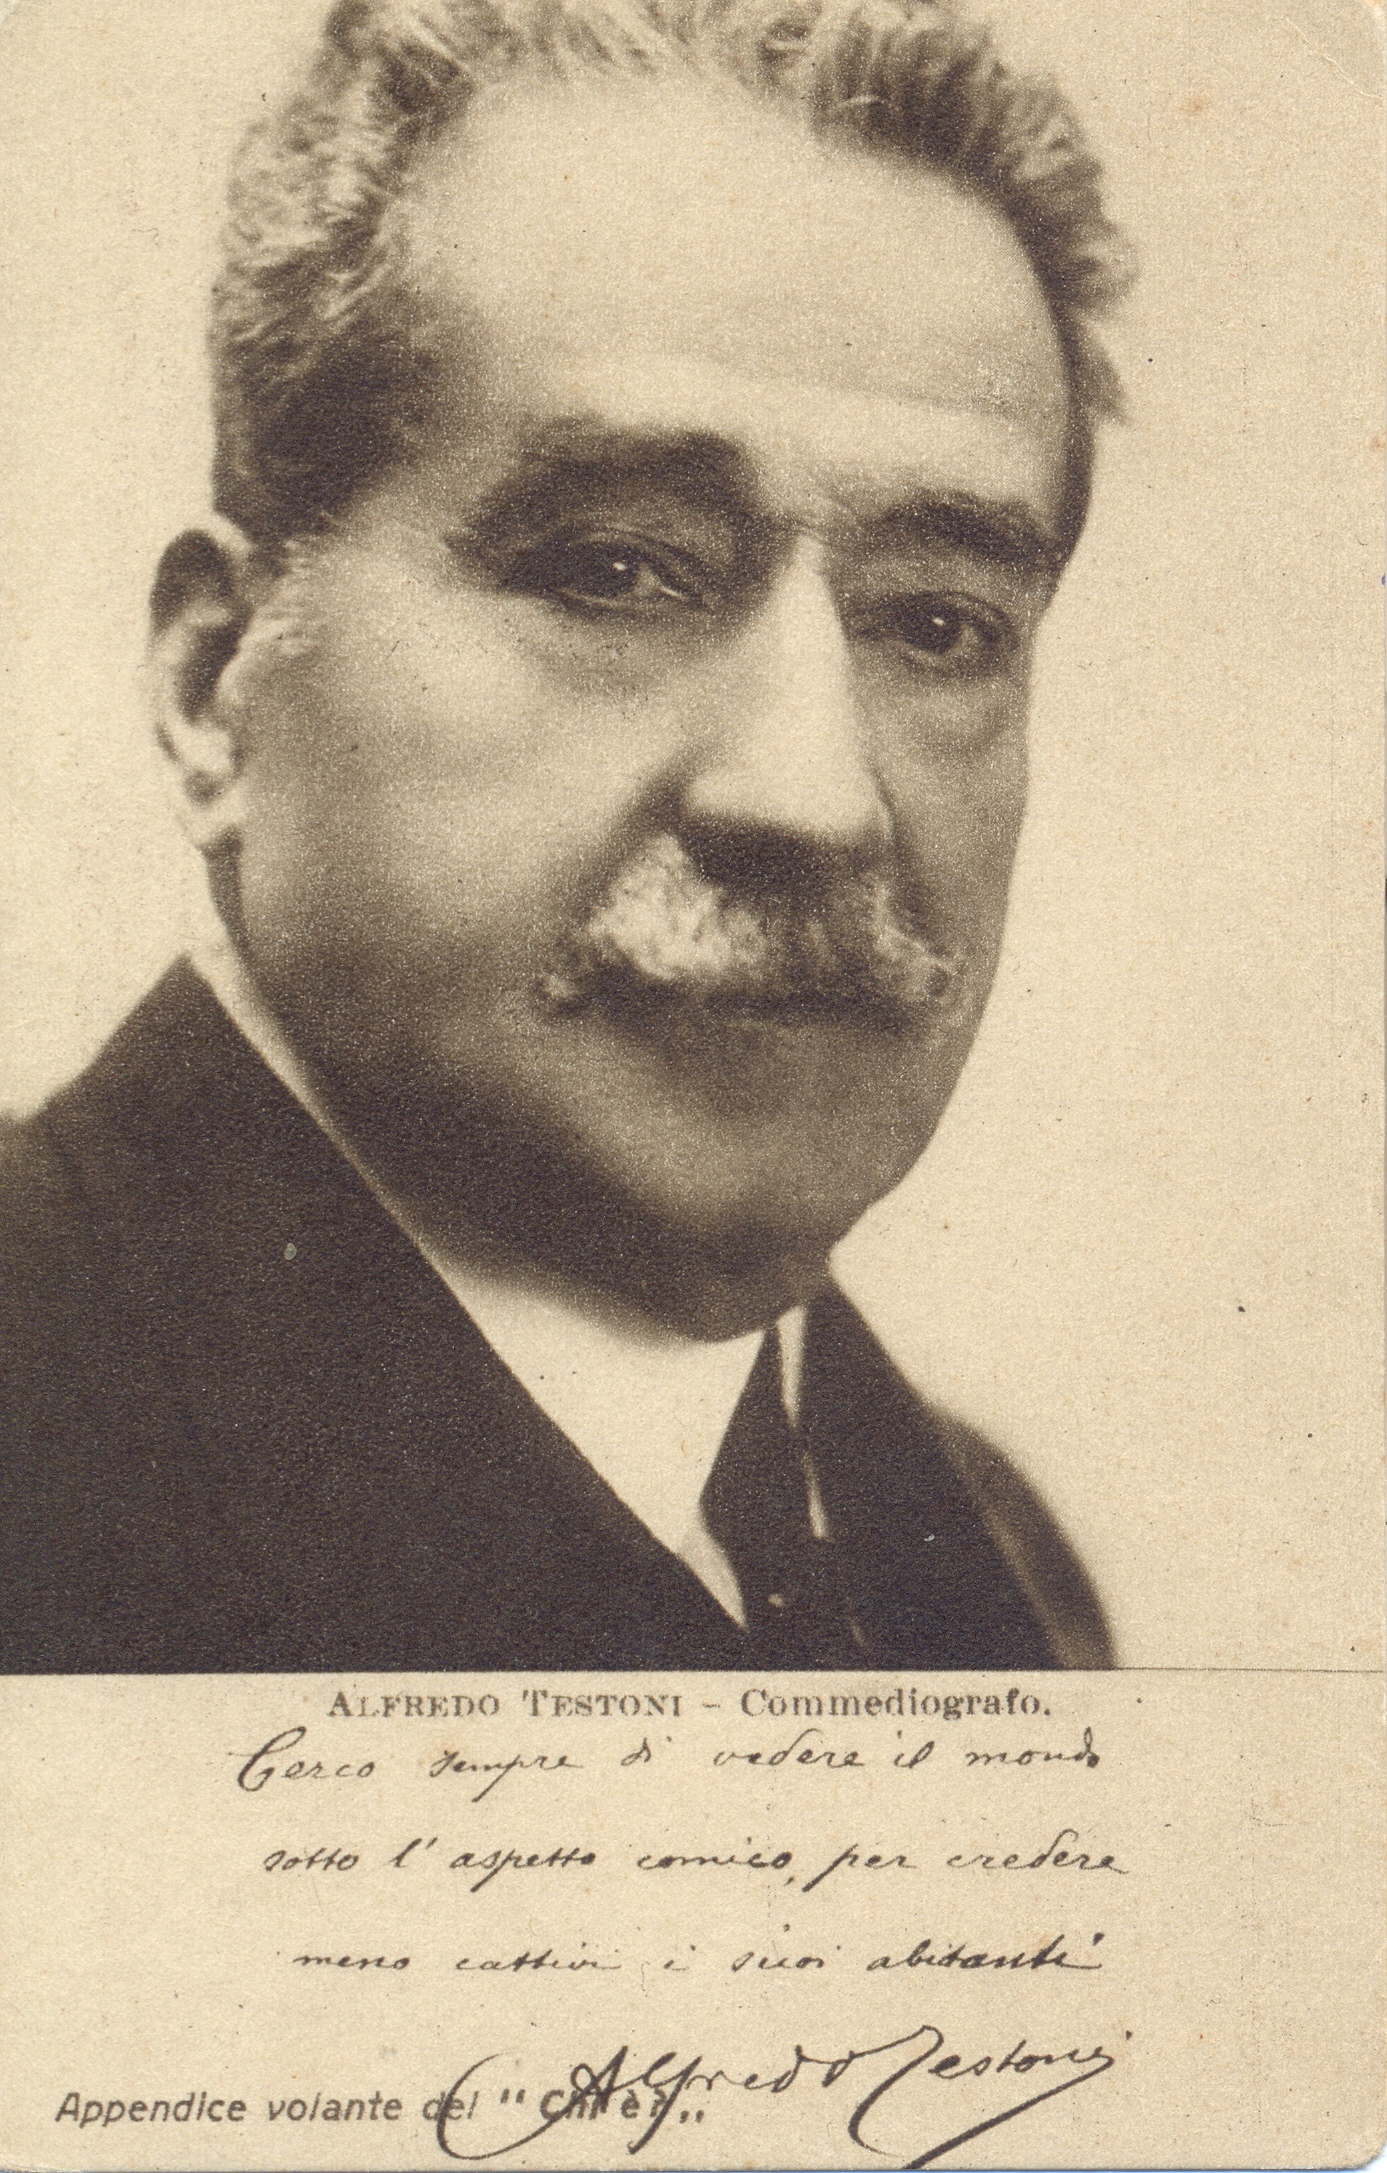 Cartolina parlante con aforisma prestampato di Alfredo Testoni